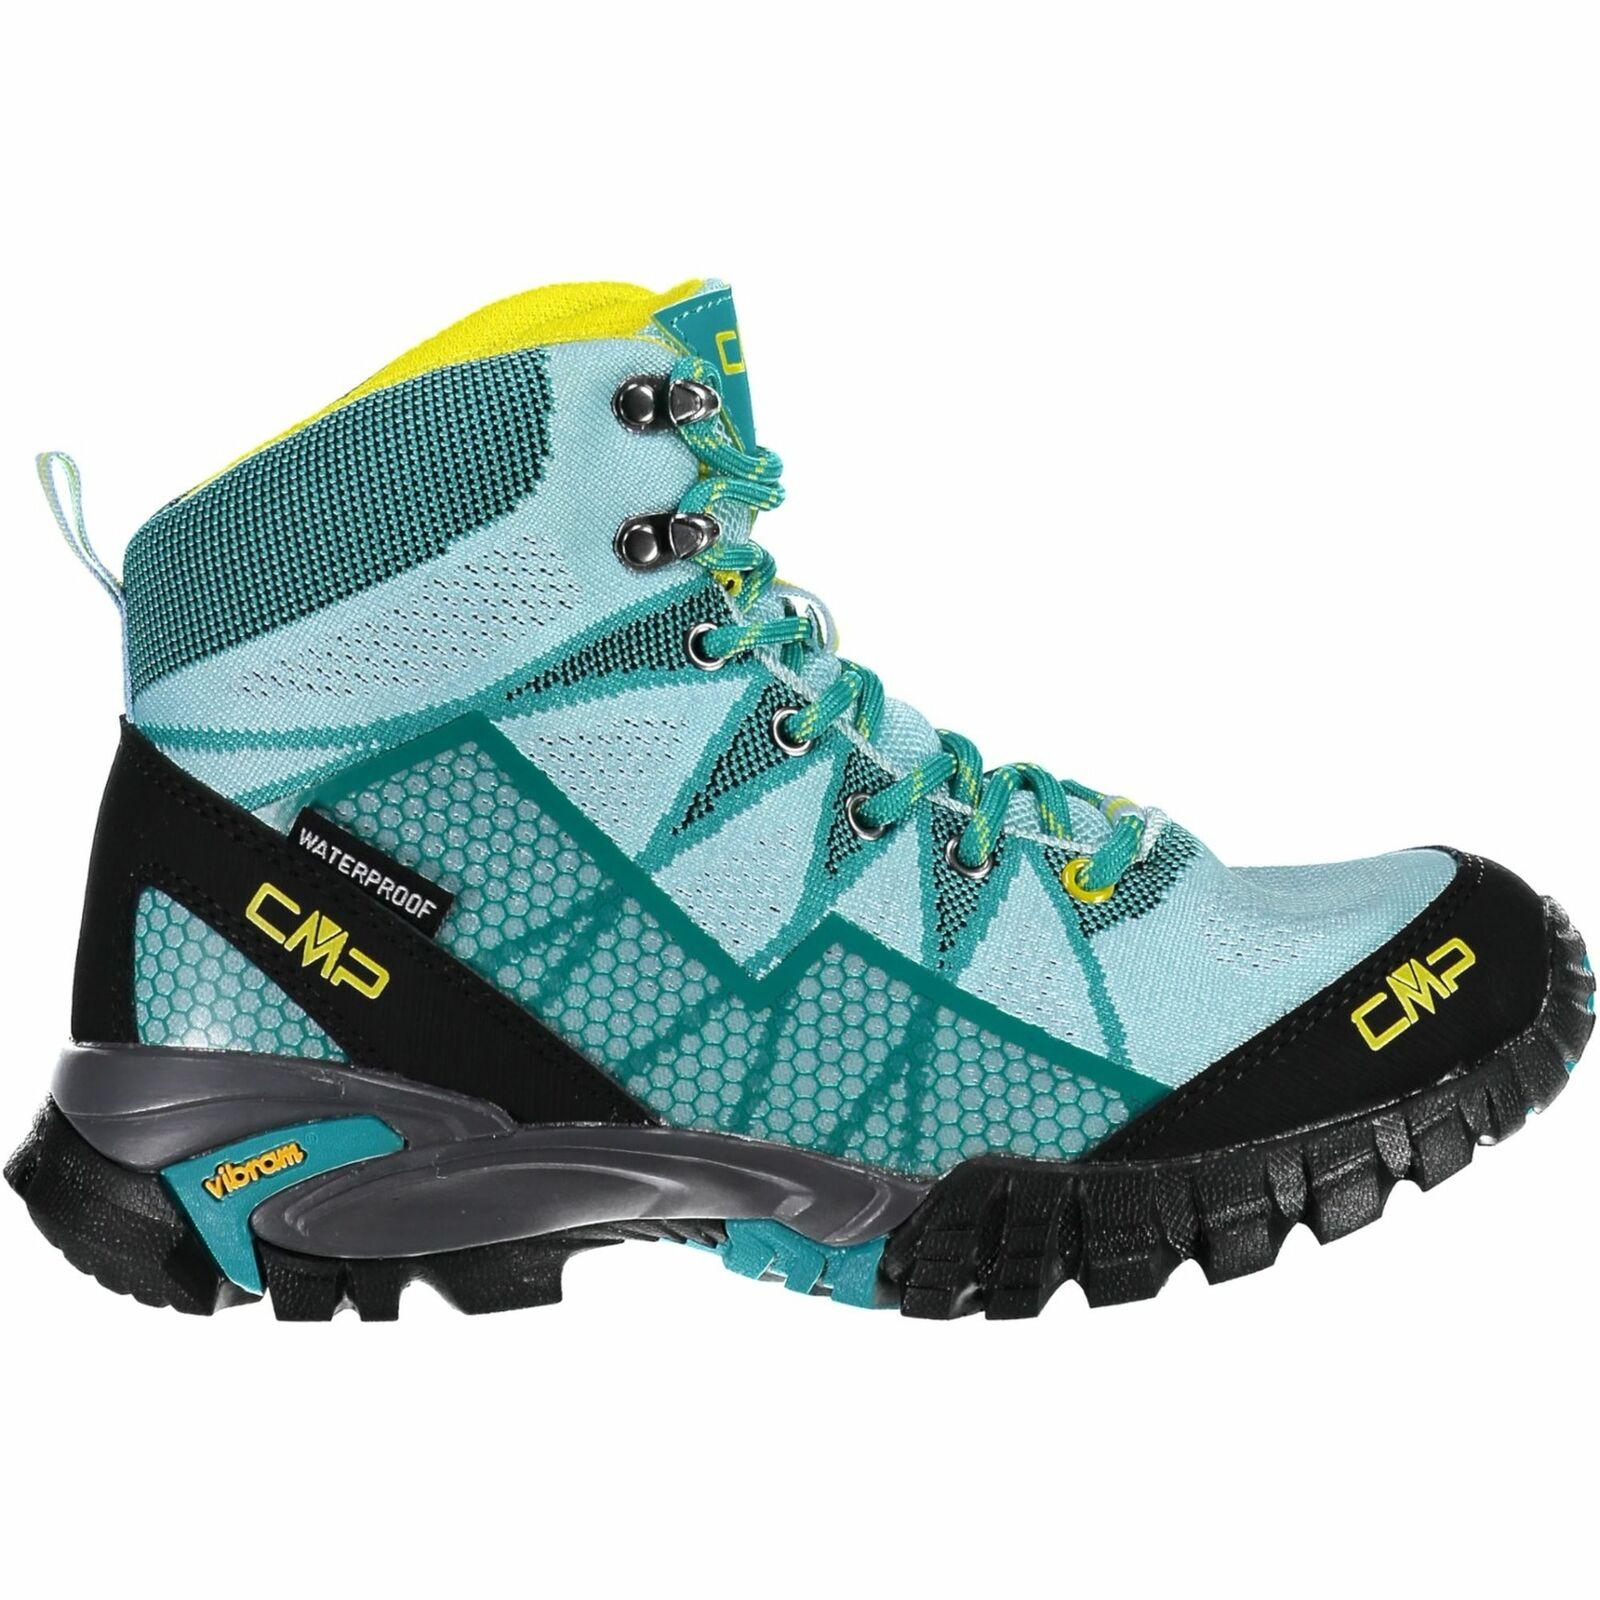 CMP Trekkingschuhe Outdoorschuh TAURI  MID WMN Trekking SHOE WP hellblue  the best online store offer